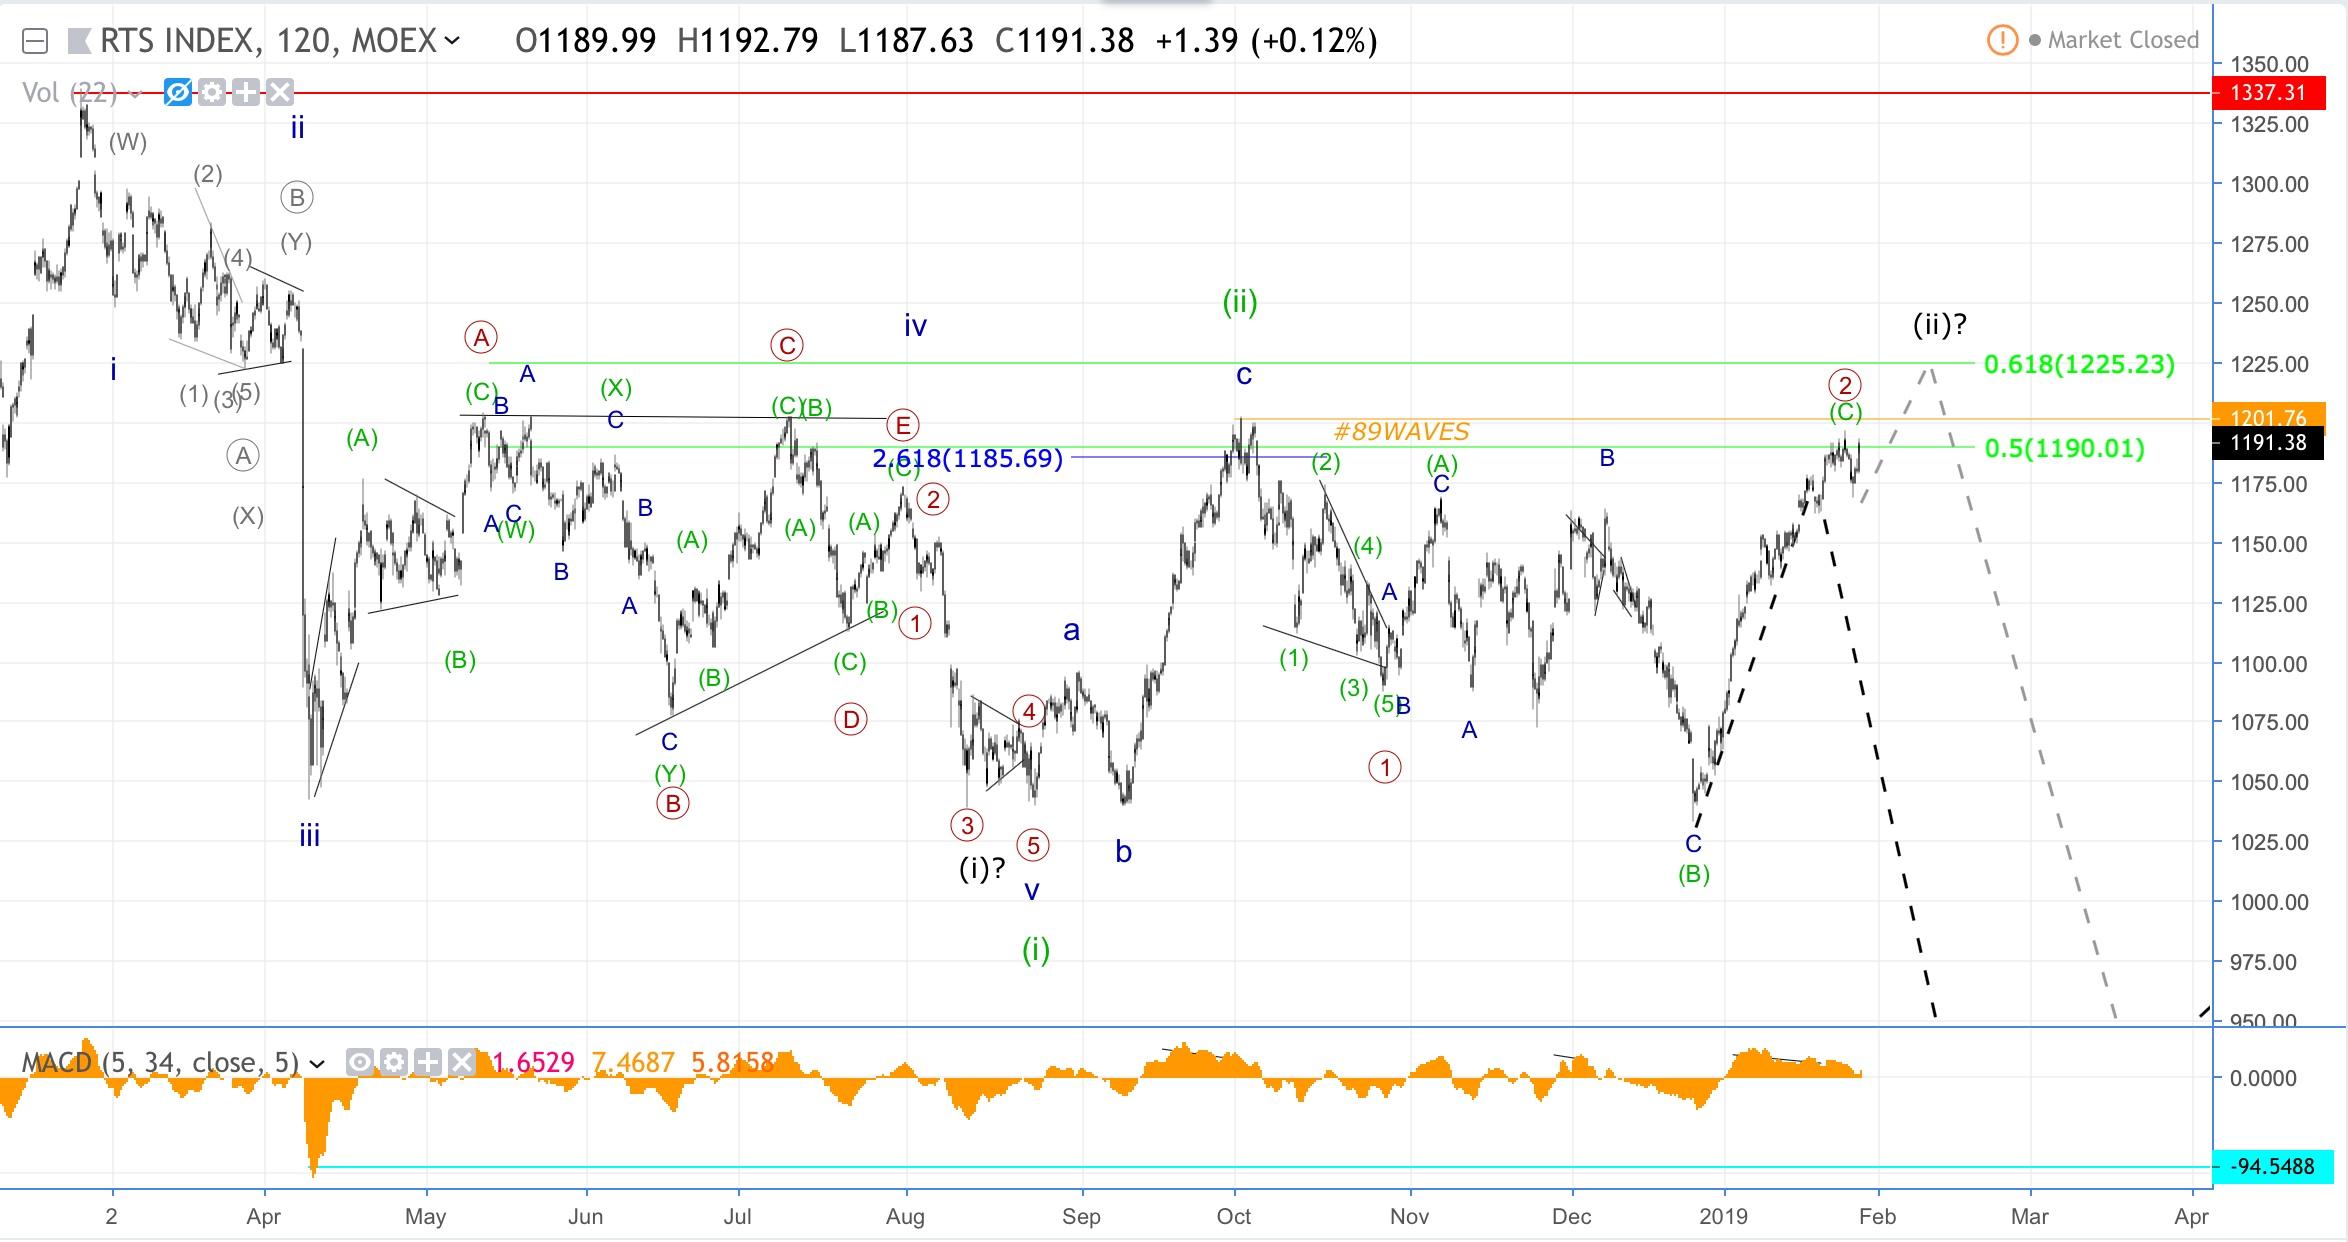 Волновой анализ S&P500, индекса РТС, USD/CAD и GBP/USD.